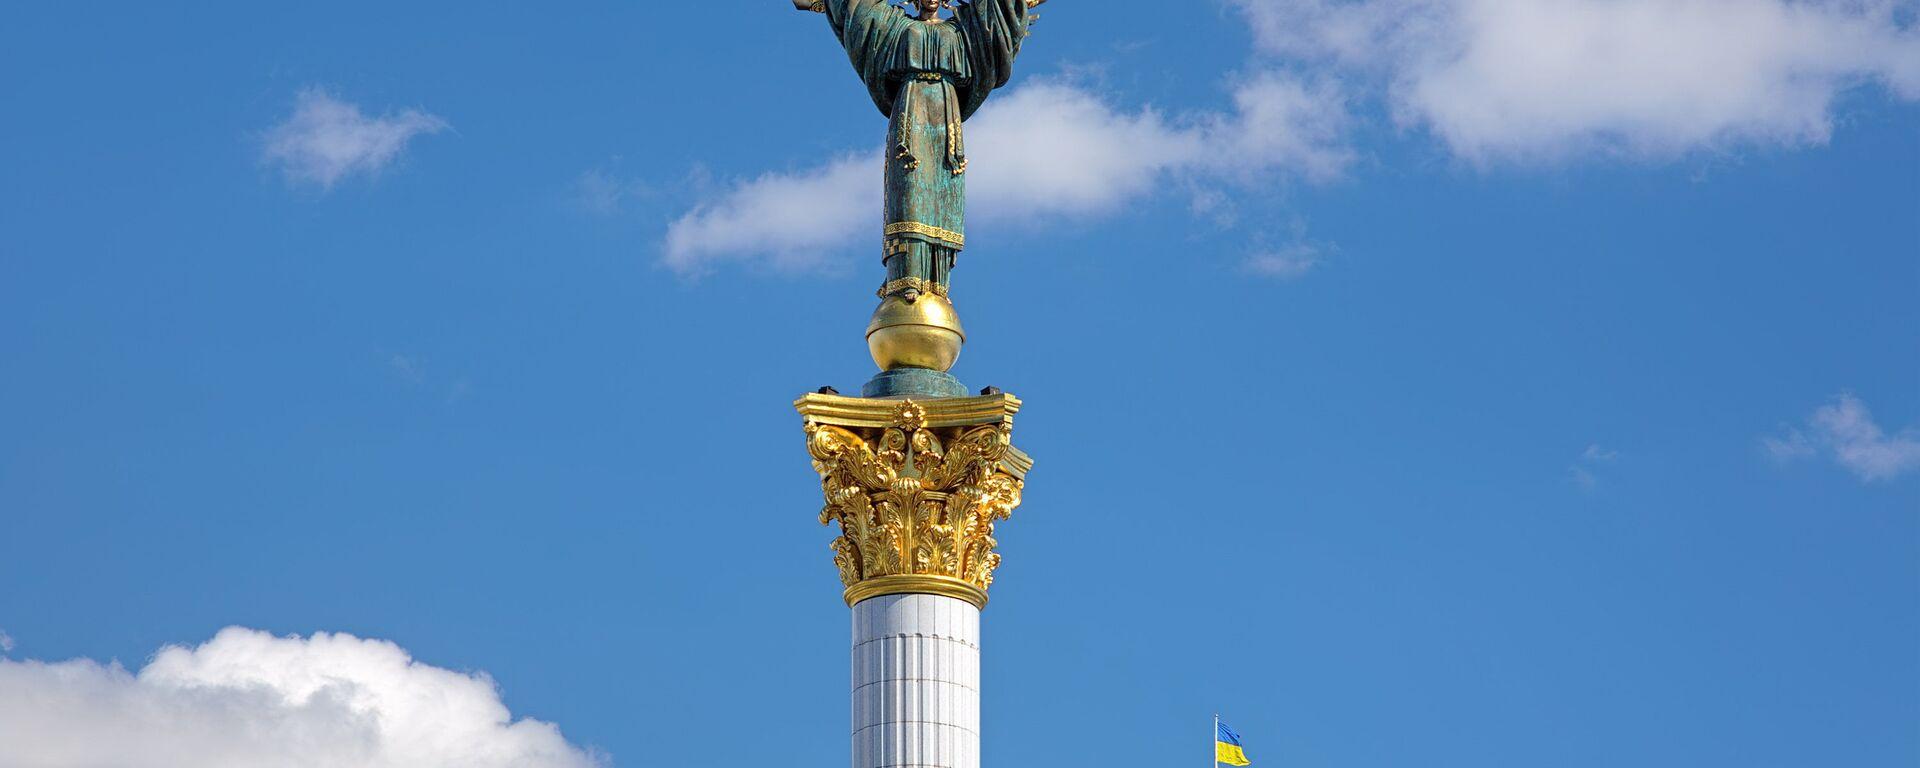 Kyjev - Sputnik Česká republika, 1920, 17.09.2021